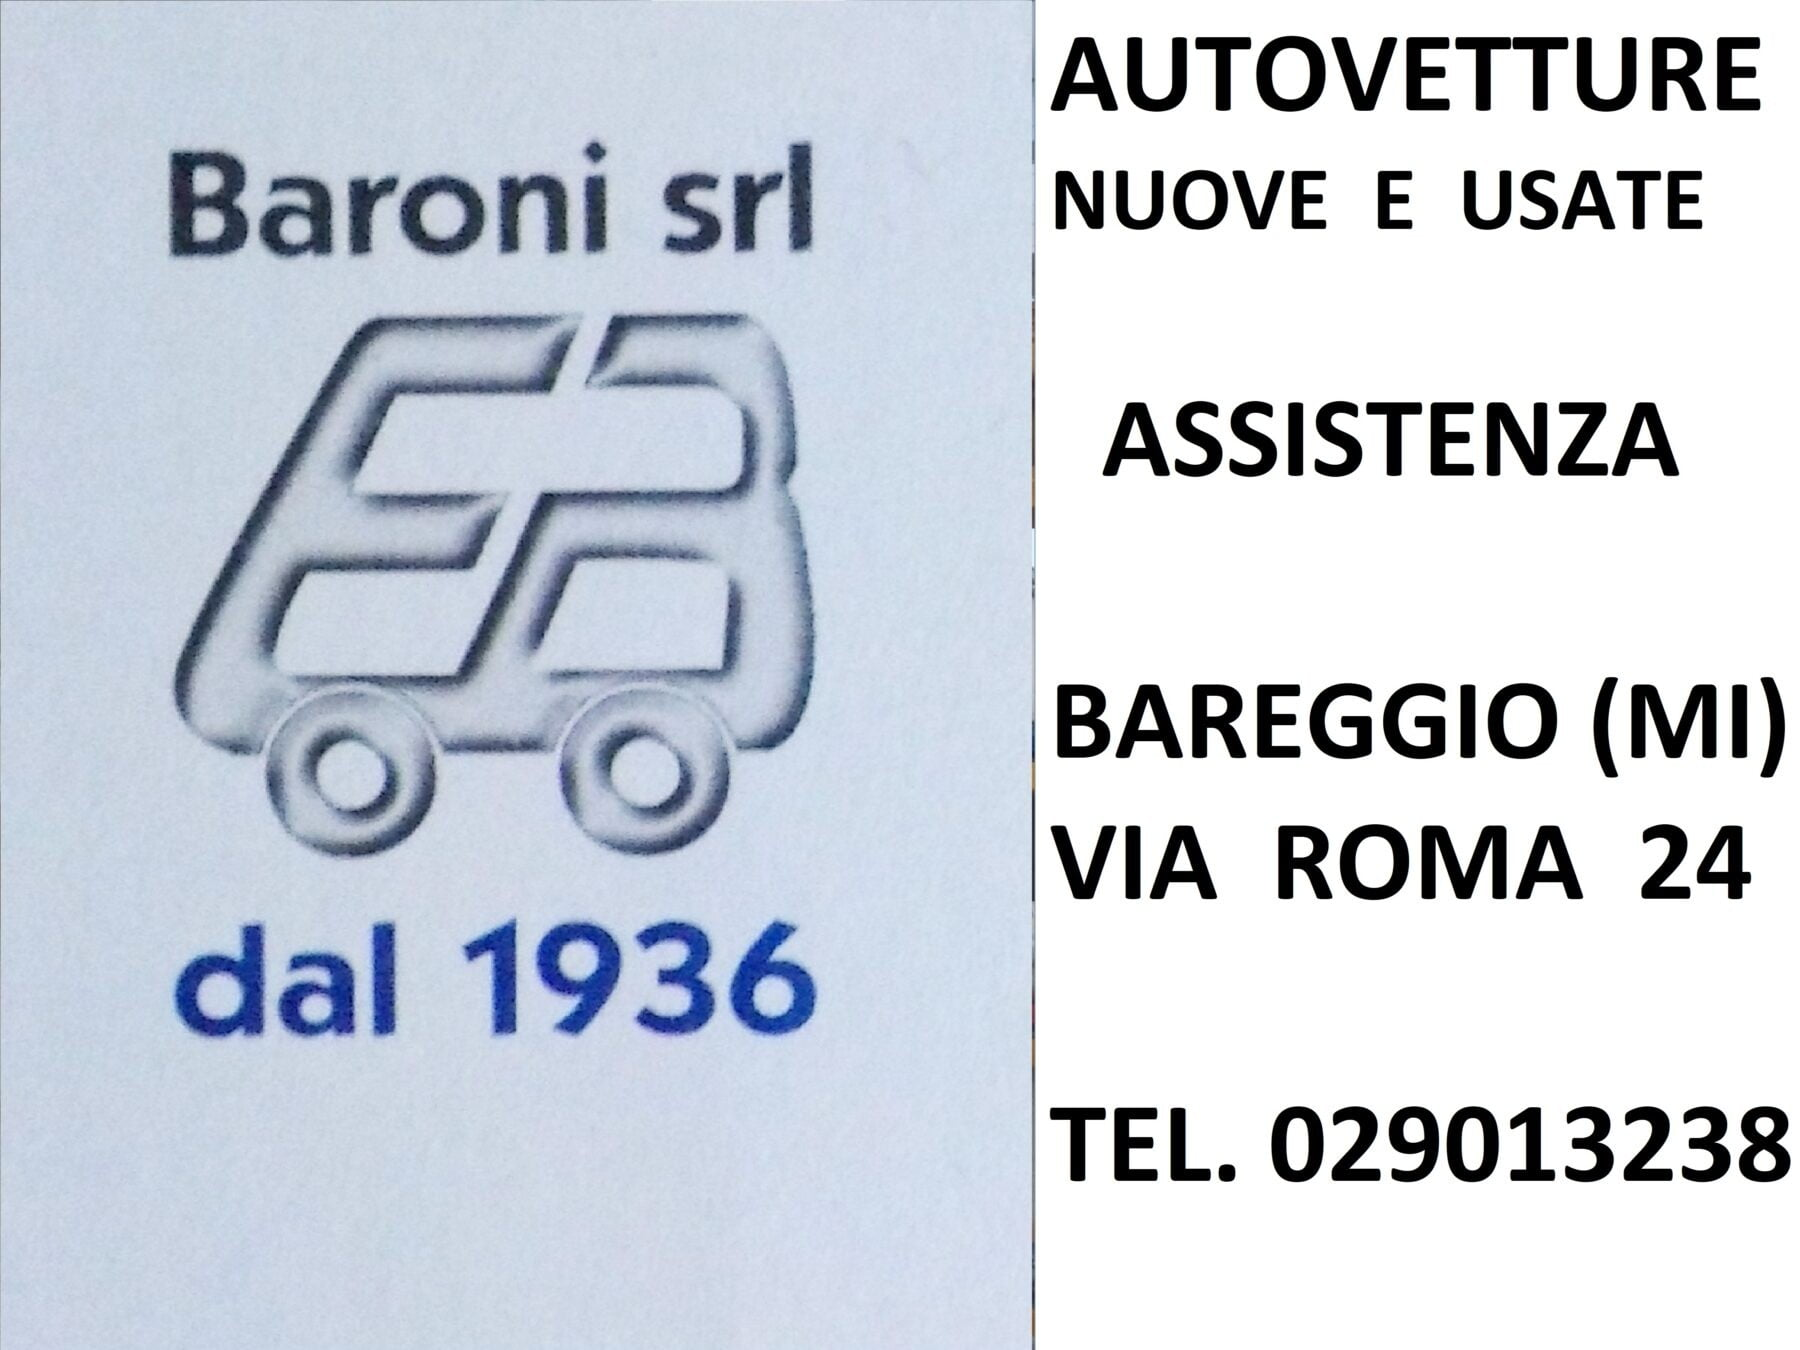 Bareggio - Baroni S.r.l di Bareggio: storia, futuro, territorio e assistenza 05/11/2020